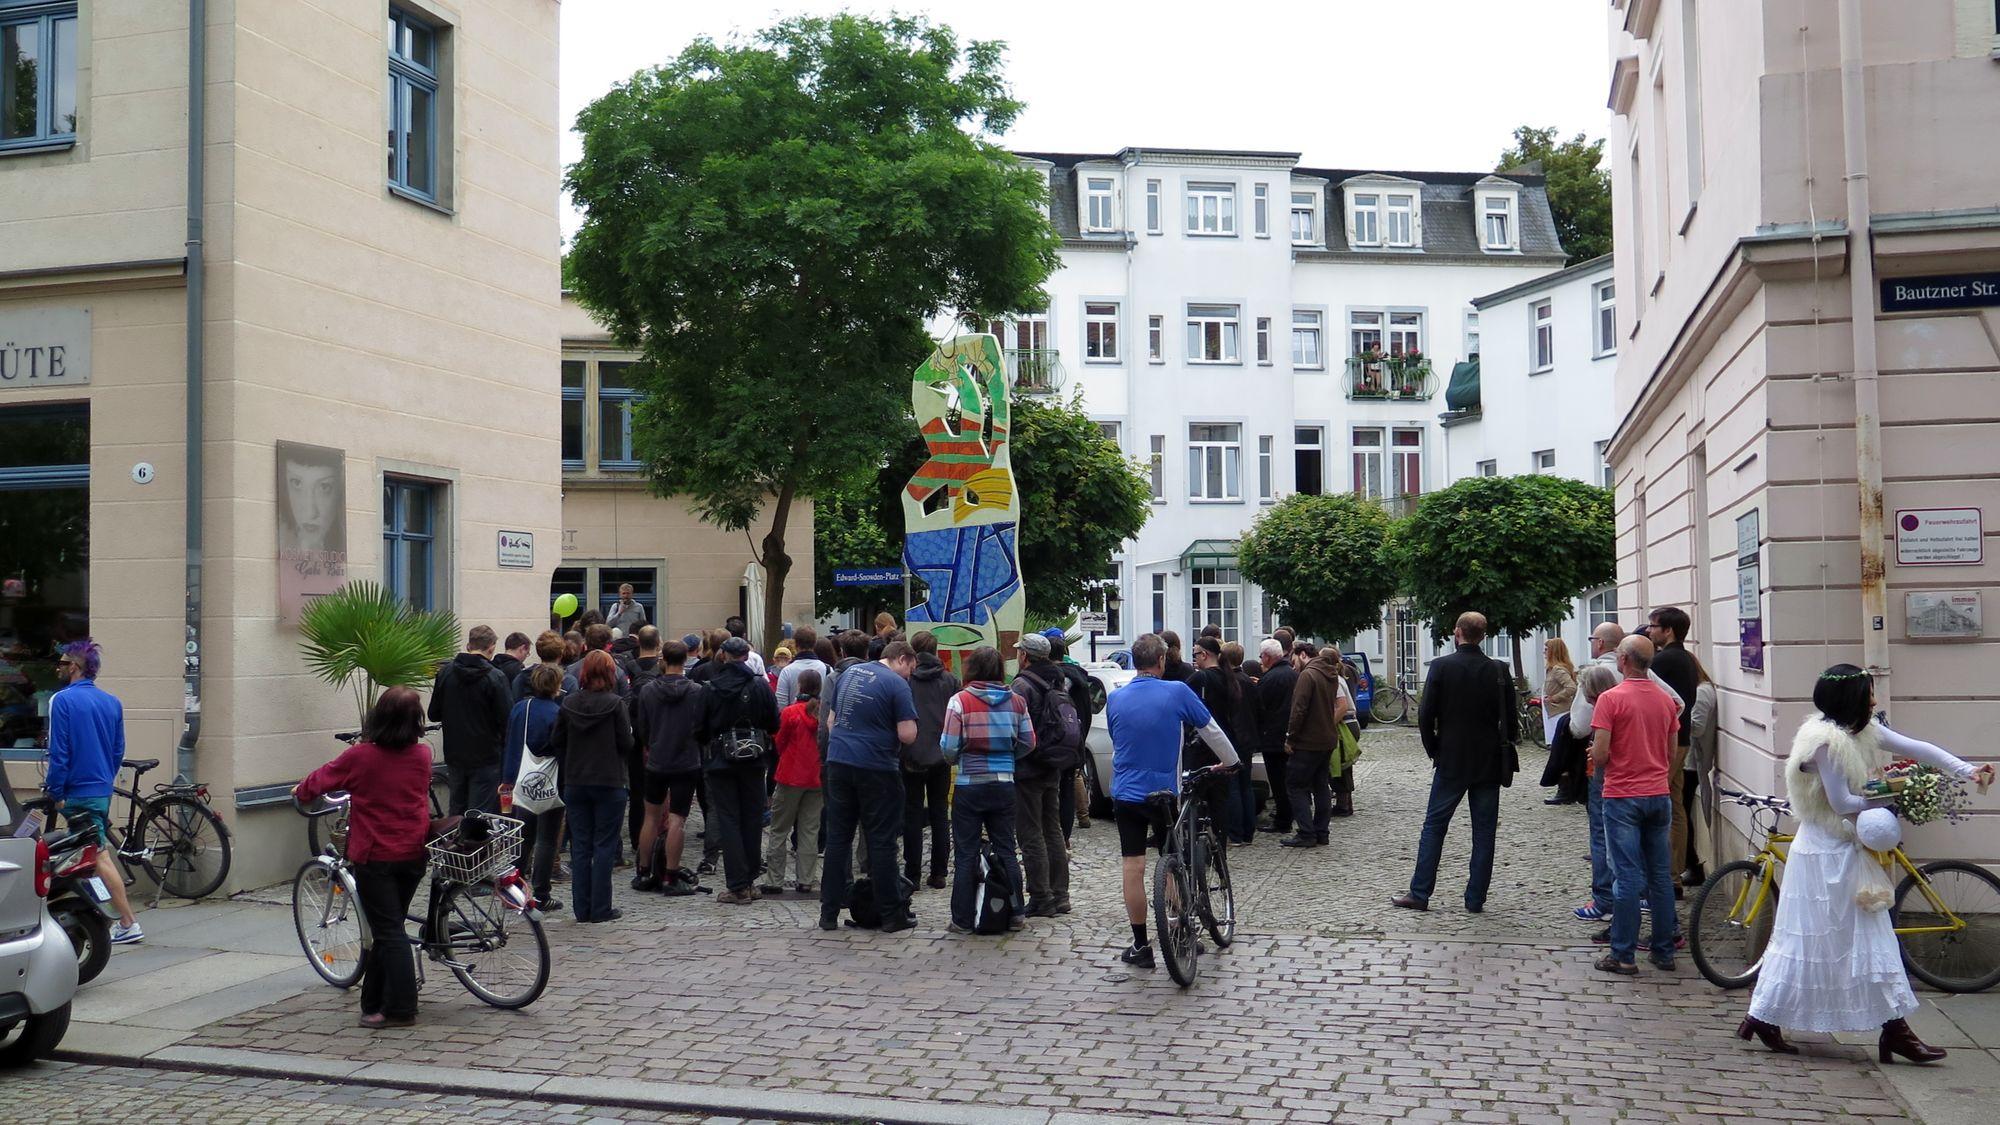 Edw Dresden